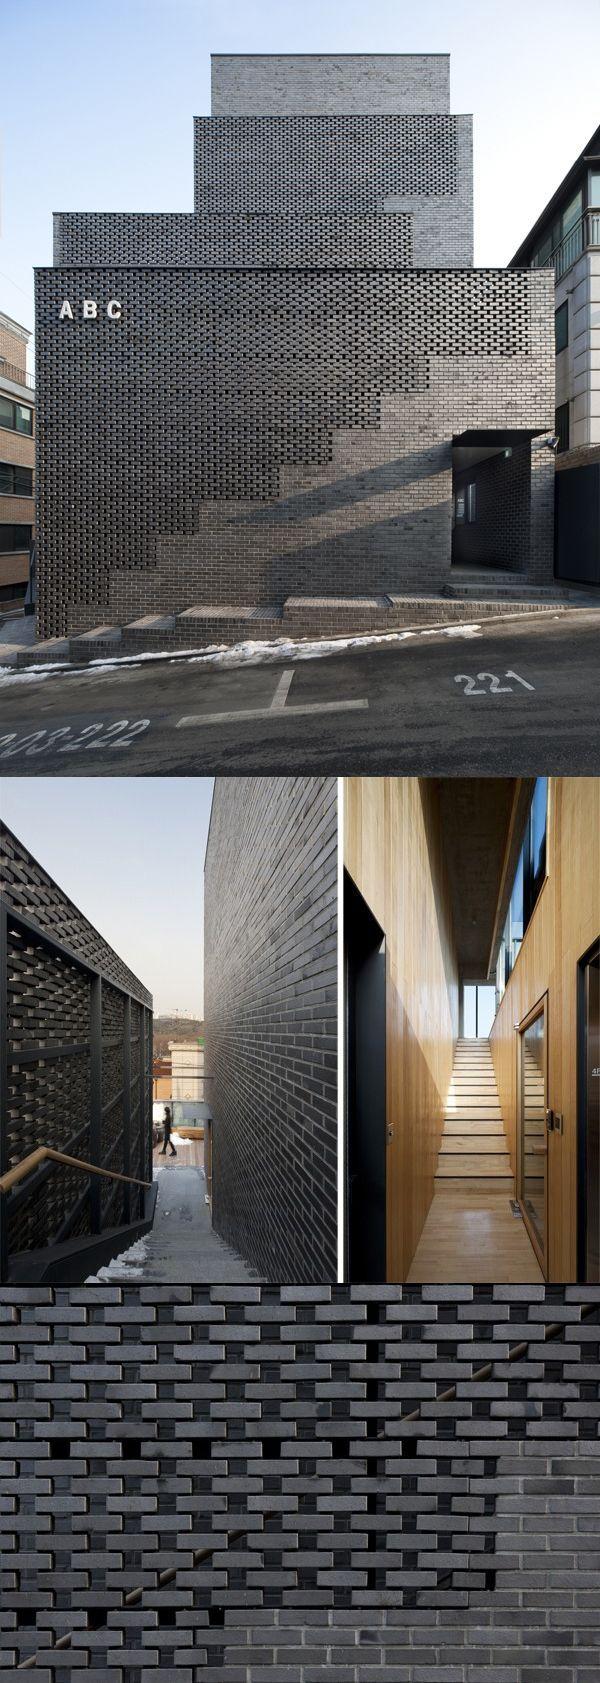 We love this contemporary brick facade!   Fachada de ladrillo negro, muro exterior al edificio, sobre la escalera, refuerzo de estructura metalica camuflado. ABC Building. | Referencias | Pinterest